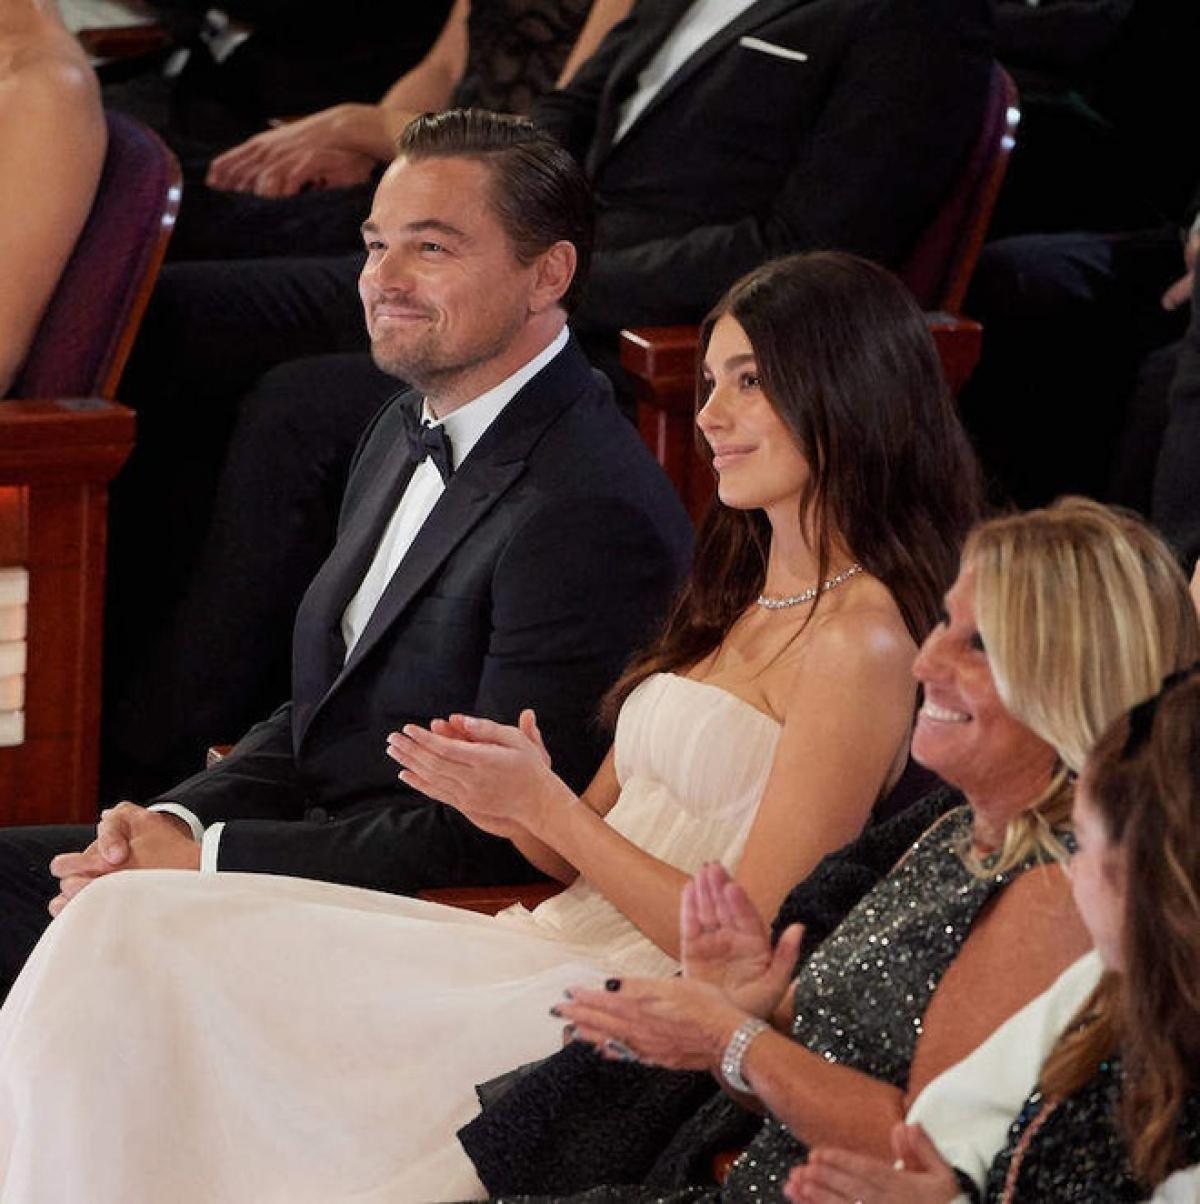 """Leonardo DiCaprio hẹn hò người đẹp gốc Argentina từ cuối năm 2017 khi cô mới 20 tuổi. Trong cuộc phỏng vấn với tờ Los Angeles Times, Camila Morrone hiếm hoi chia sẻ về chuyện tình với Leonardo: """"Rất nhiều cặp đôi ở Hollywood và trong lịch sử thế giới có khoảng cách tuổi tác lớn. Tôi chỉ nghĩ rằng mọi người đều có quyền được hẹn hò với người mà họ muốn hẹn hò""""./."""